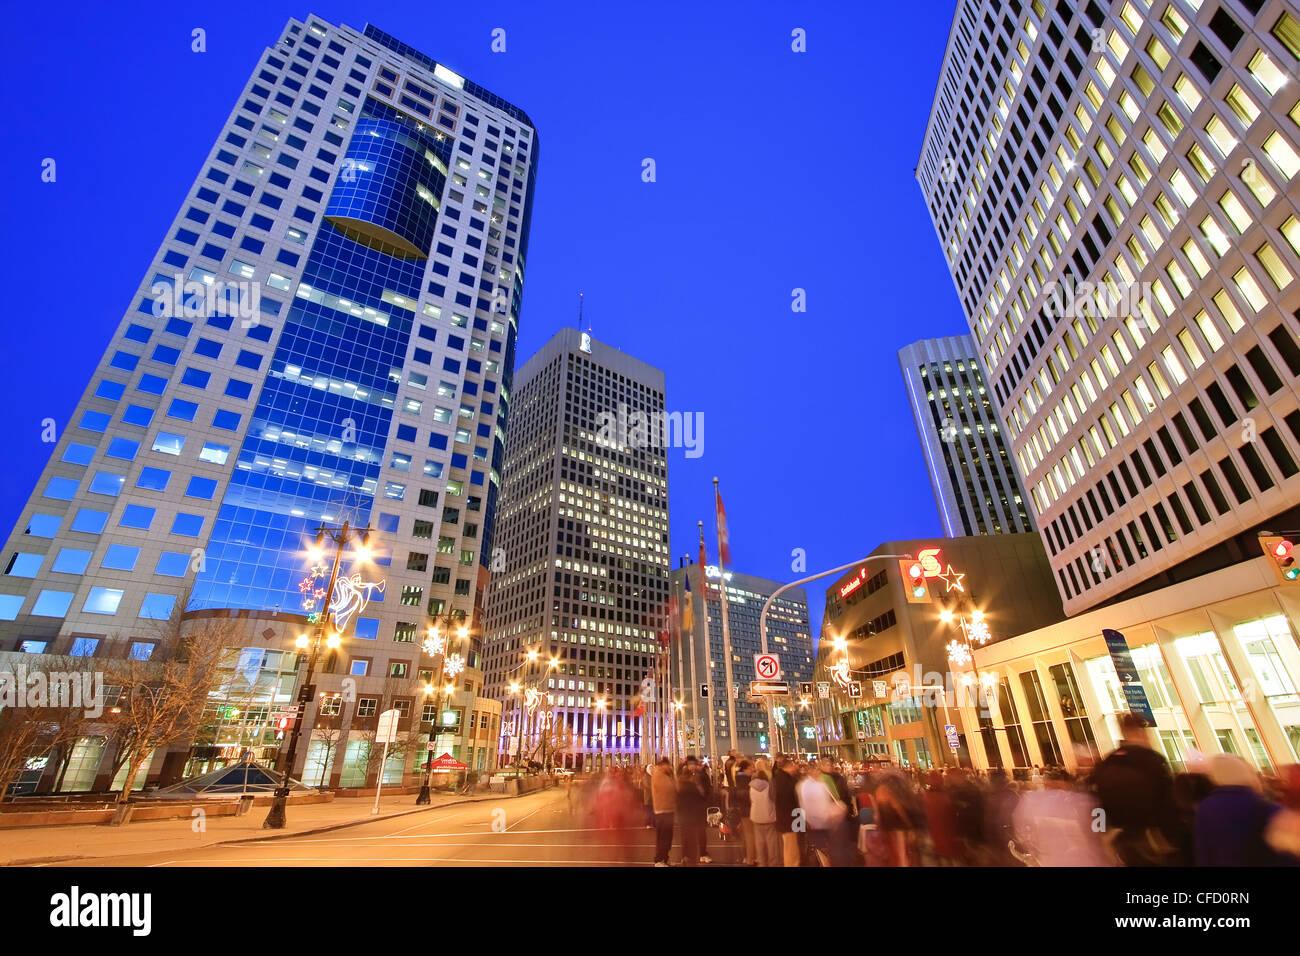 Skyline und Menge versammelten sich am Portage Avenue in der Nacht. Winnipeg, Manitoba, Kanada. Stockbild